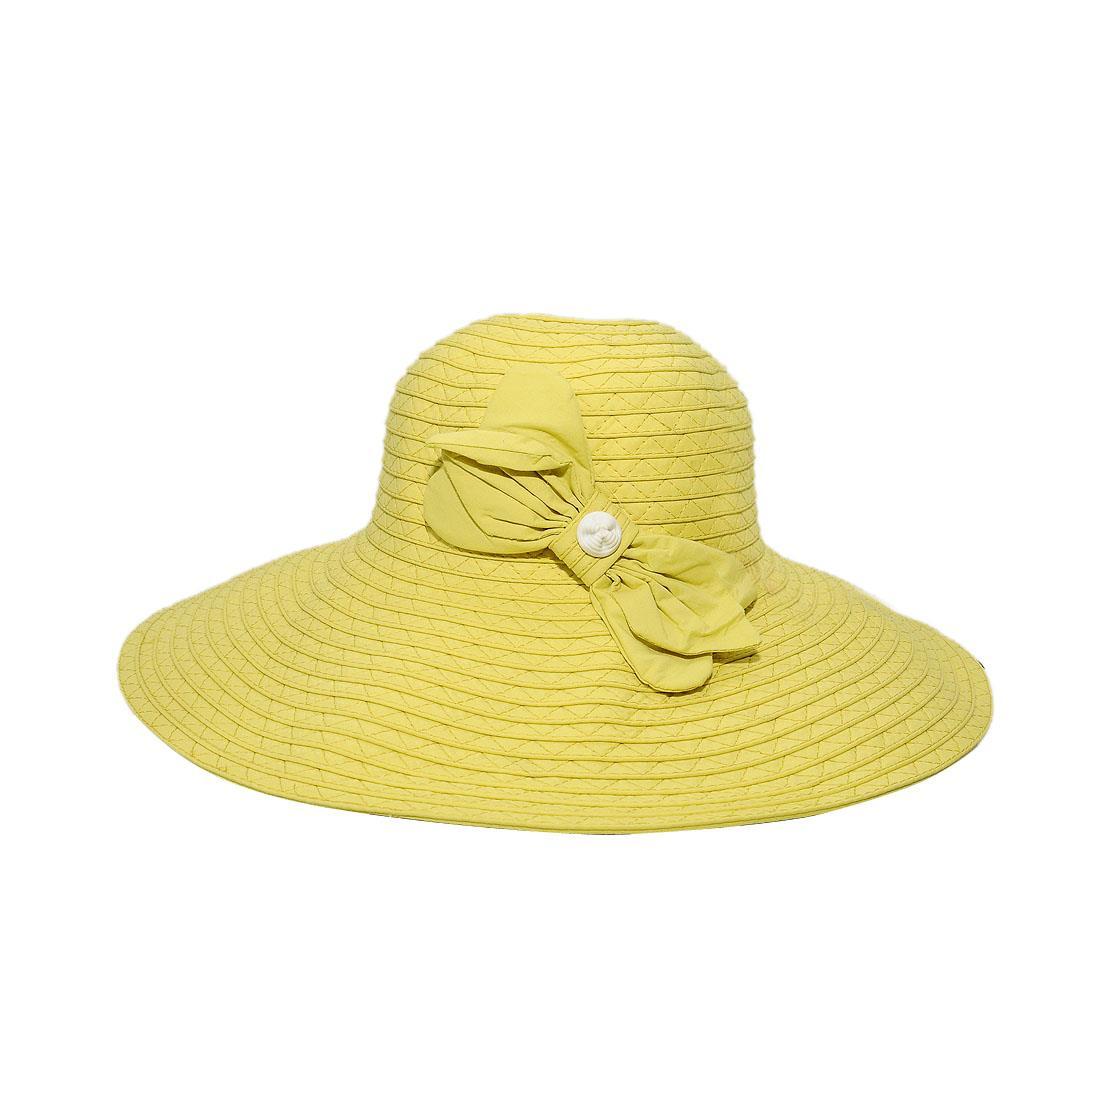 Nón nữ vành rộng cao cấp màu vàng EH19-2